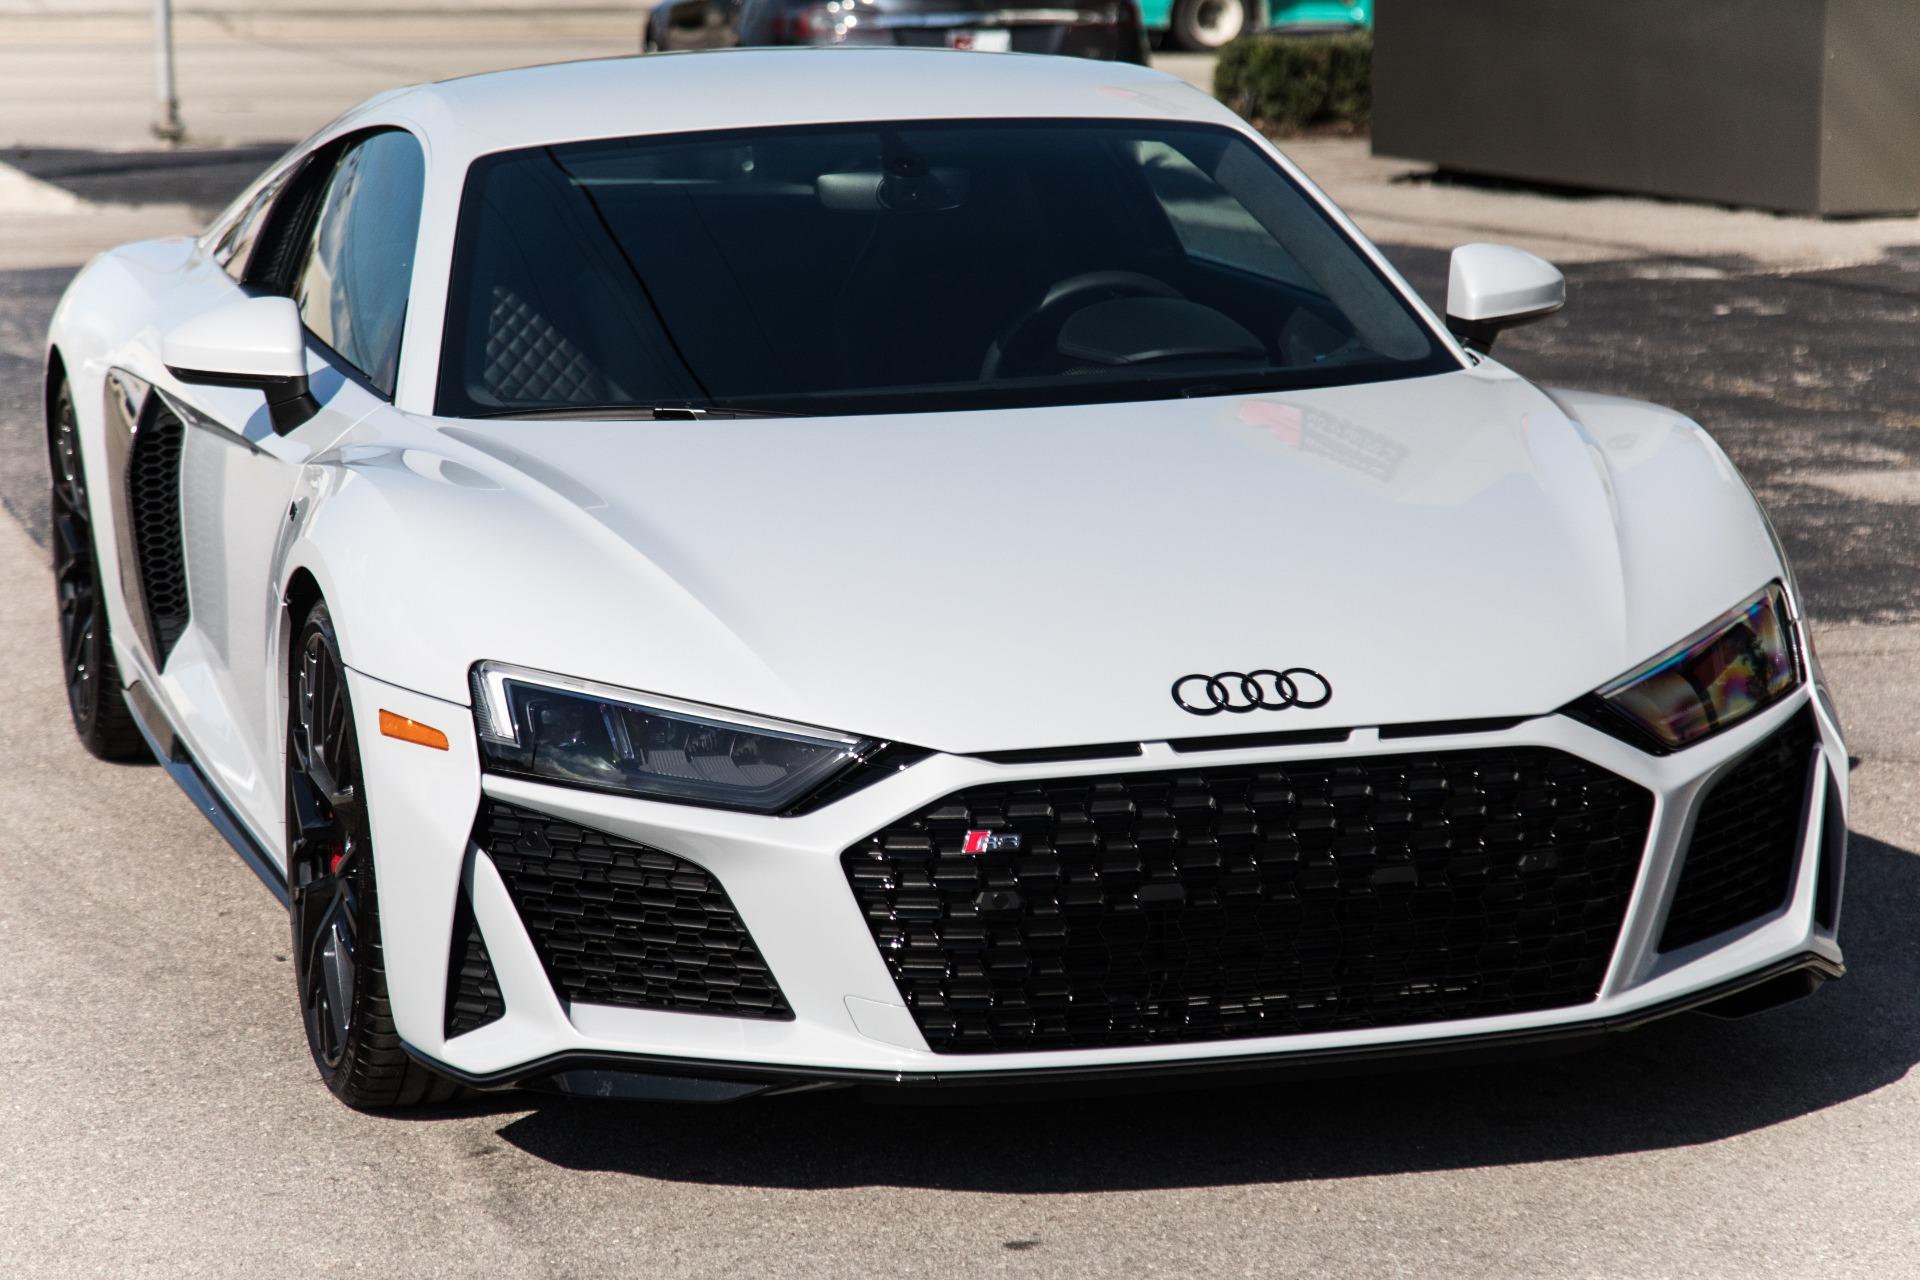 Used-2020-Audi-R8-52-quattro-V10